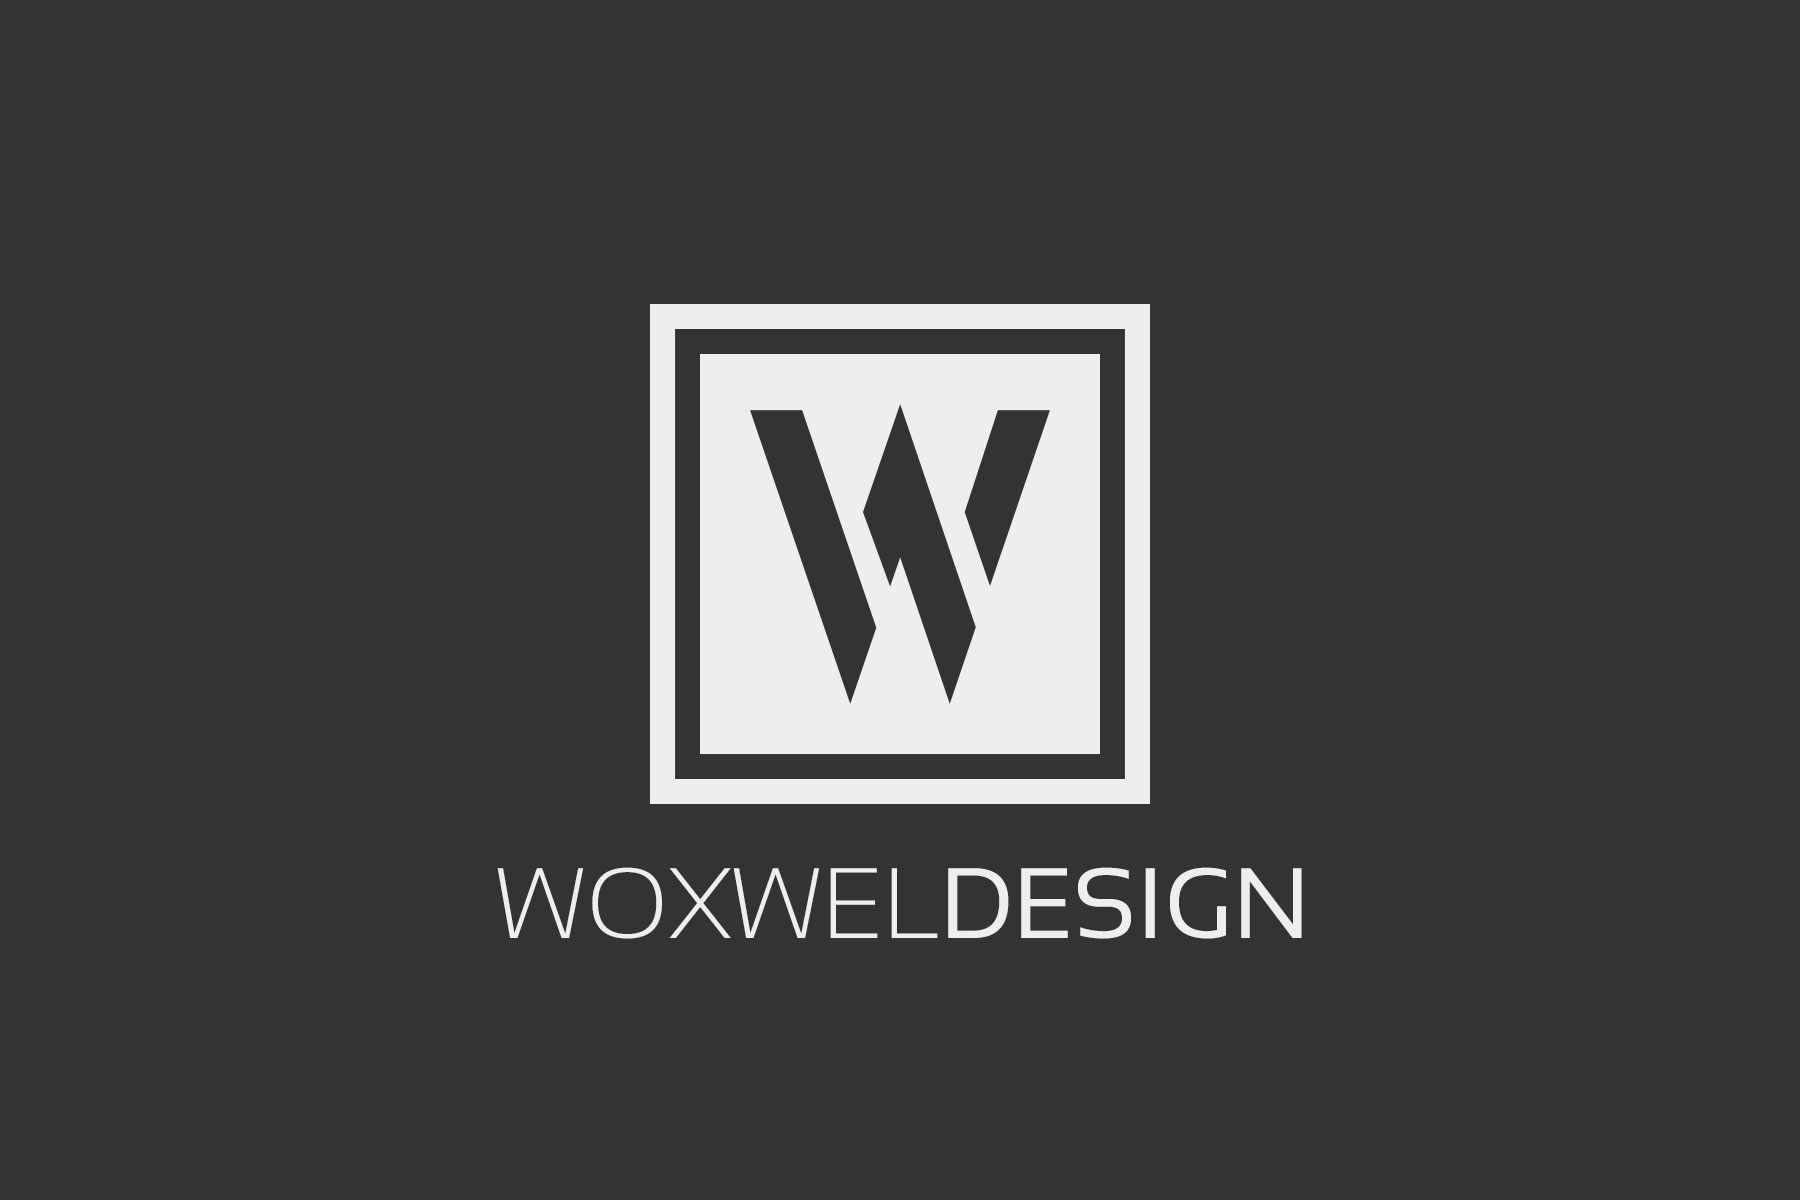 Логотип Woxwel Design - темный фон